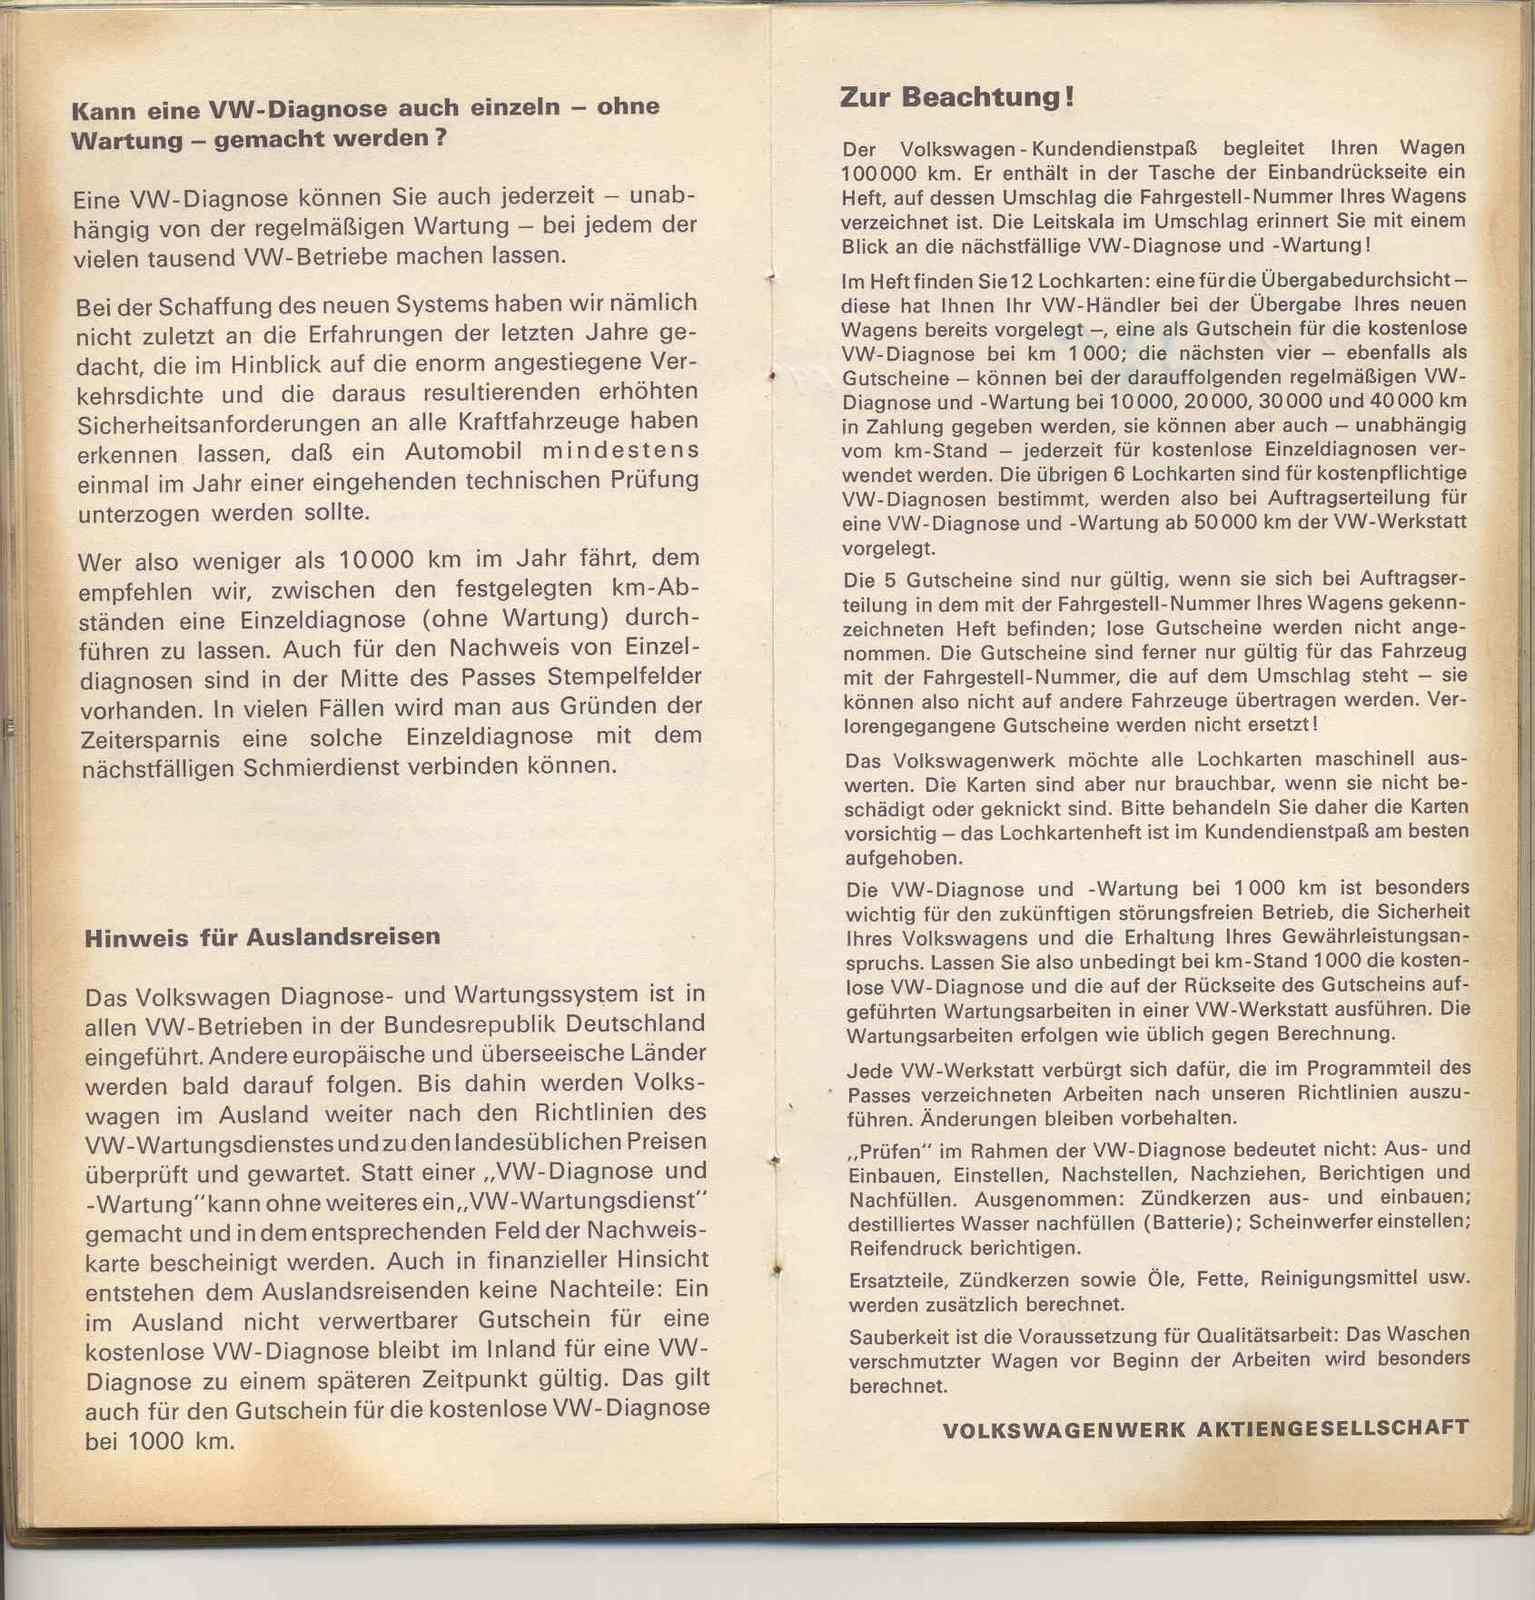 TheSamba.com :: 1969 VW Bus Service Book